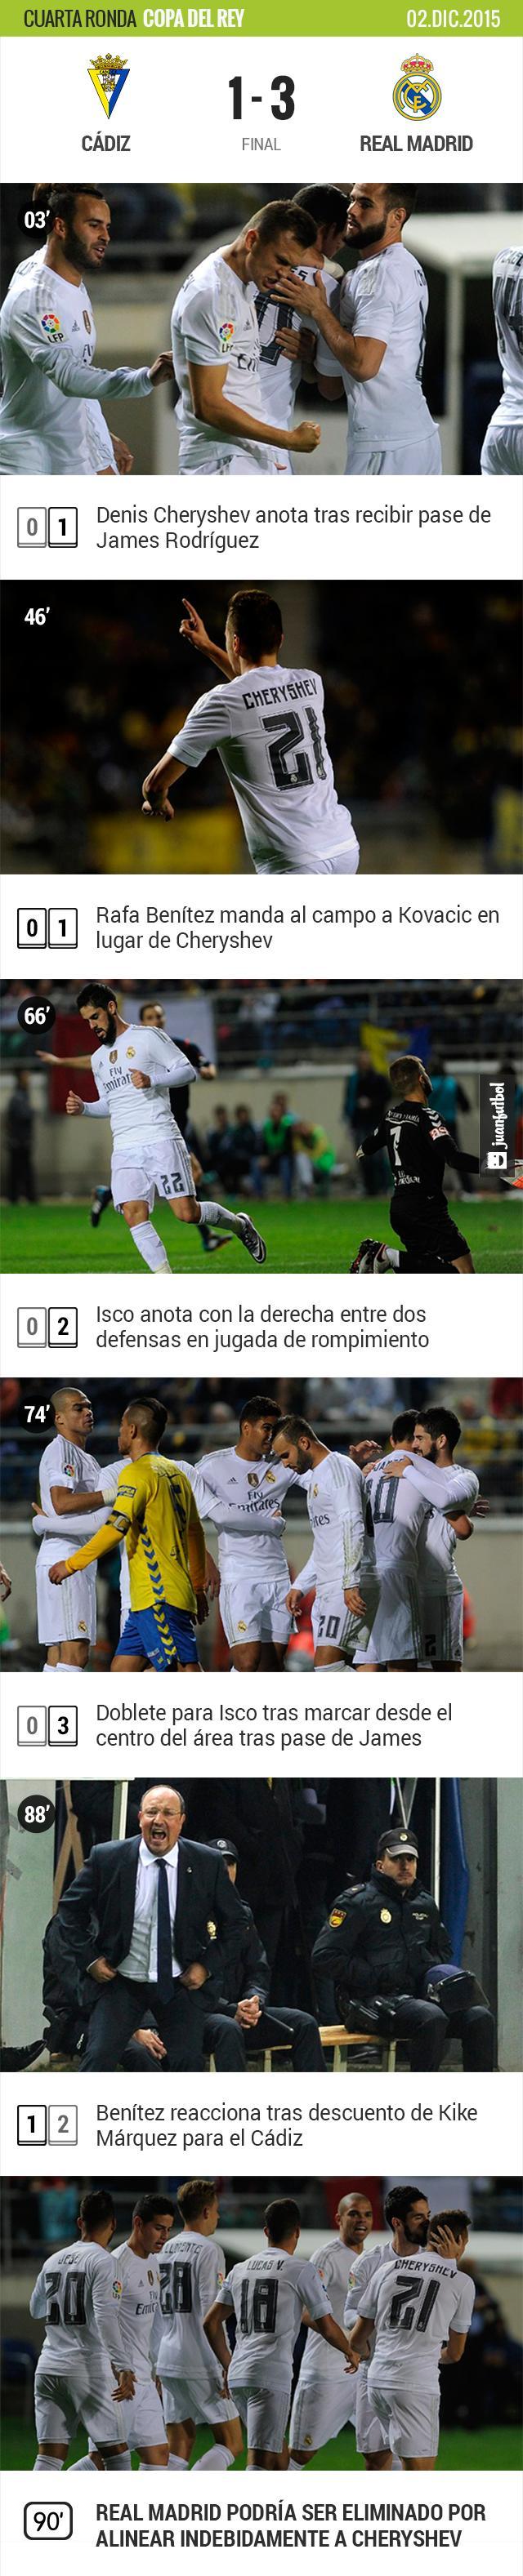 Real Madrid se lleva victoria de visitante ante el Cádiz, pero podría ser eliminado